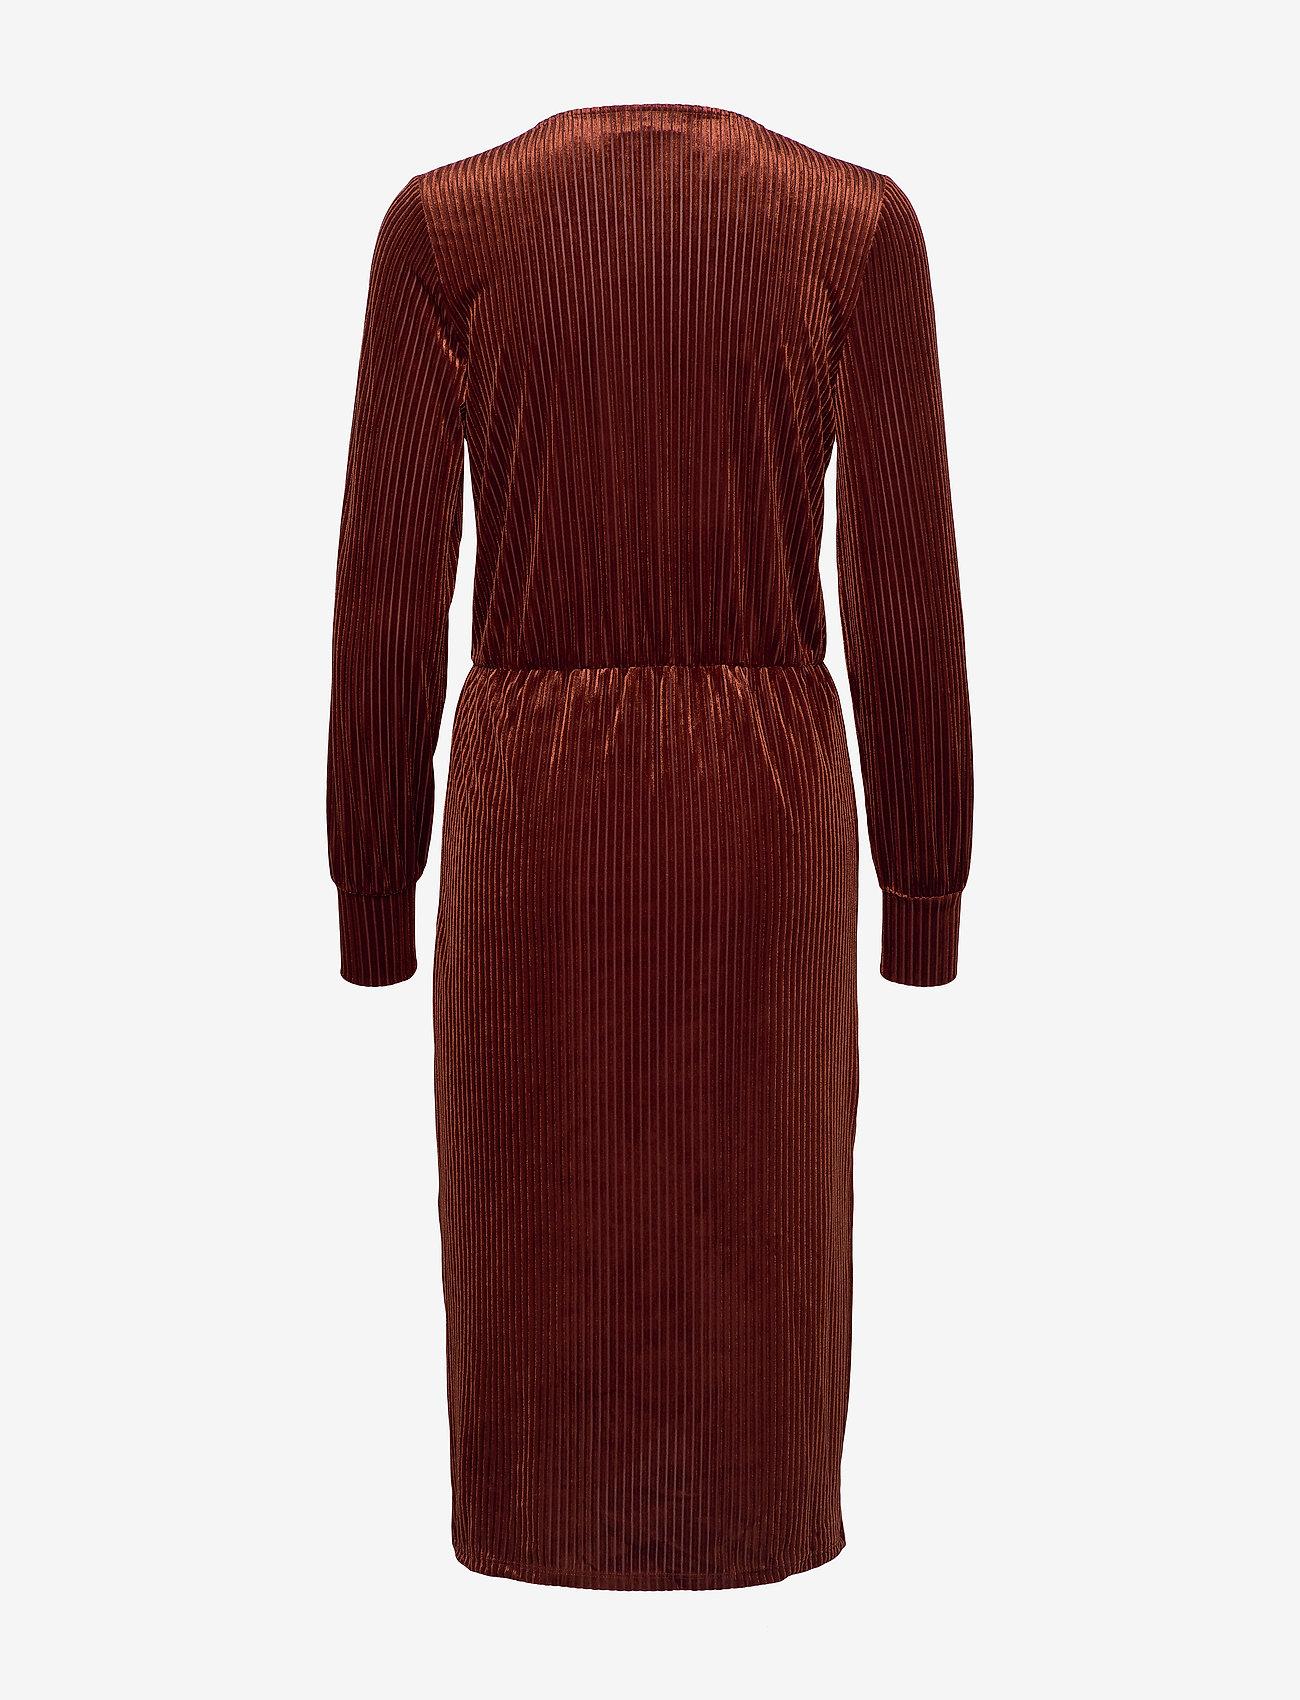 FREE/QUENT FQELLIE-DR - Sukienki BRANDY BROWN 19-1541 - Kobiety Odzież.